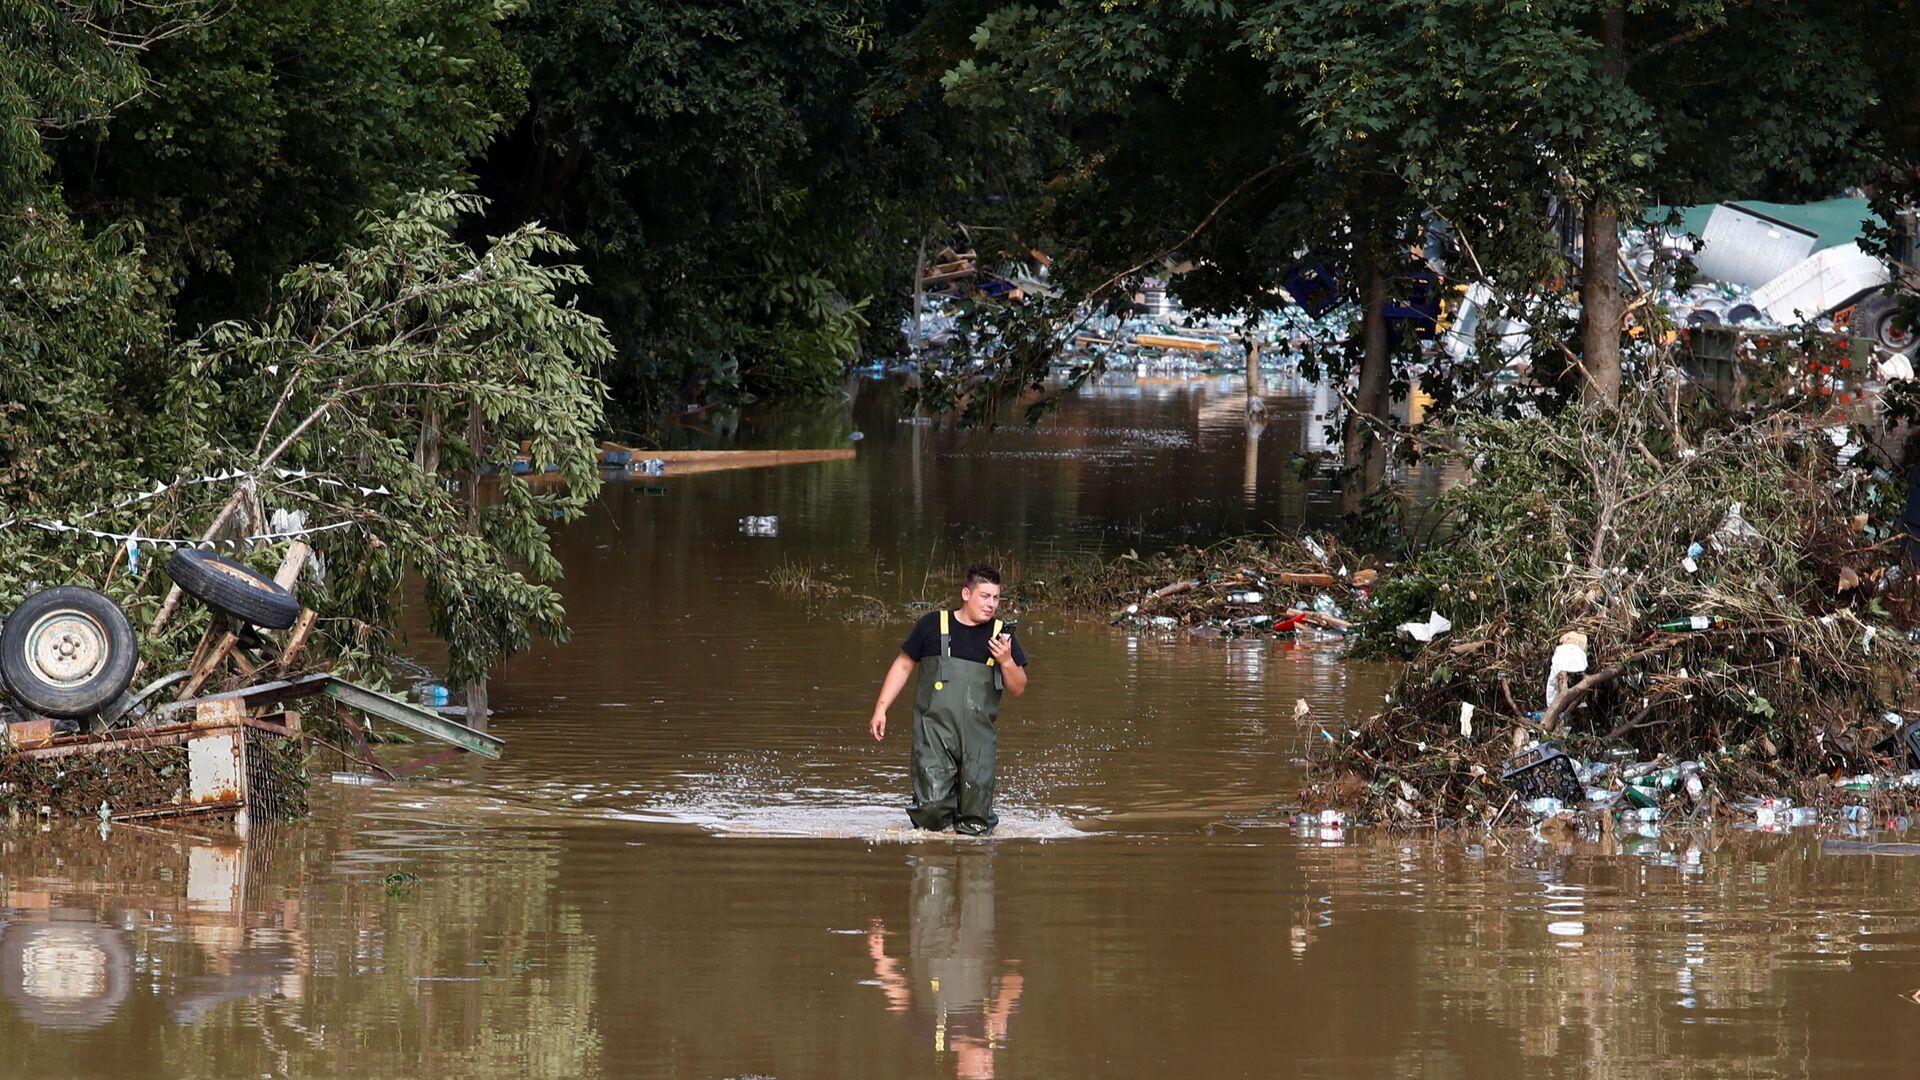 Мужчина идет по затопленному району, пострадавшему от наводнения после проливных дождей, в Бад-Нойенар-Арвайлере, Германия - Sputnik Тоҷикистон, 1920, 23.07.2021